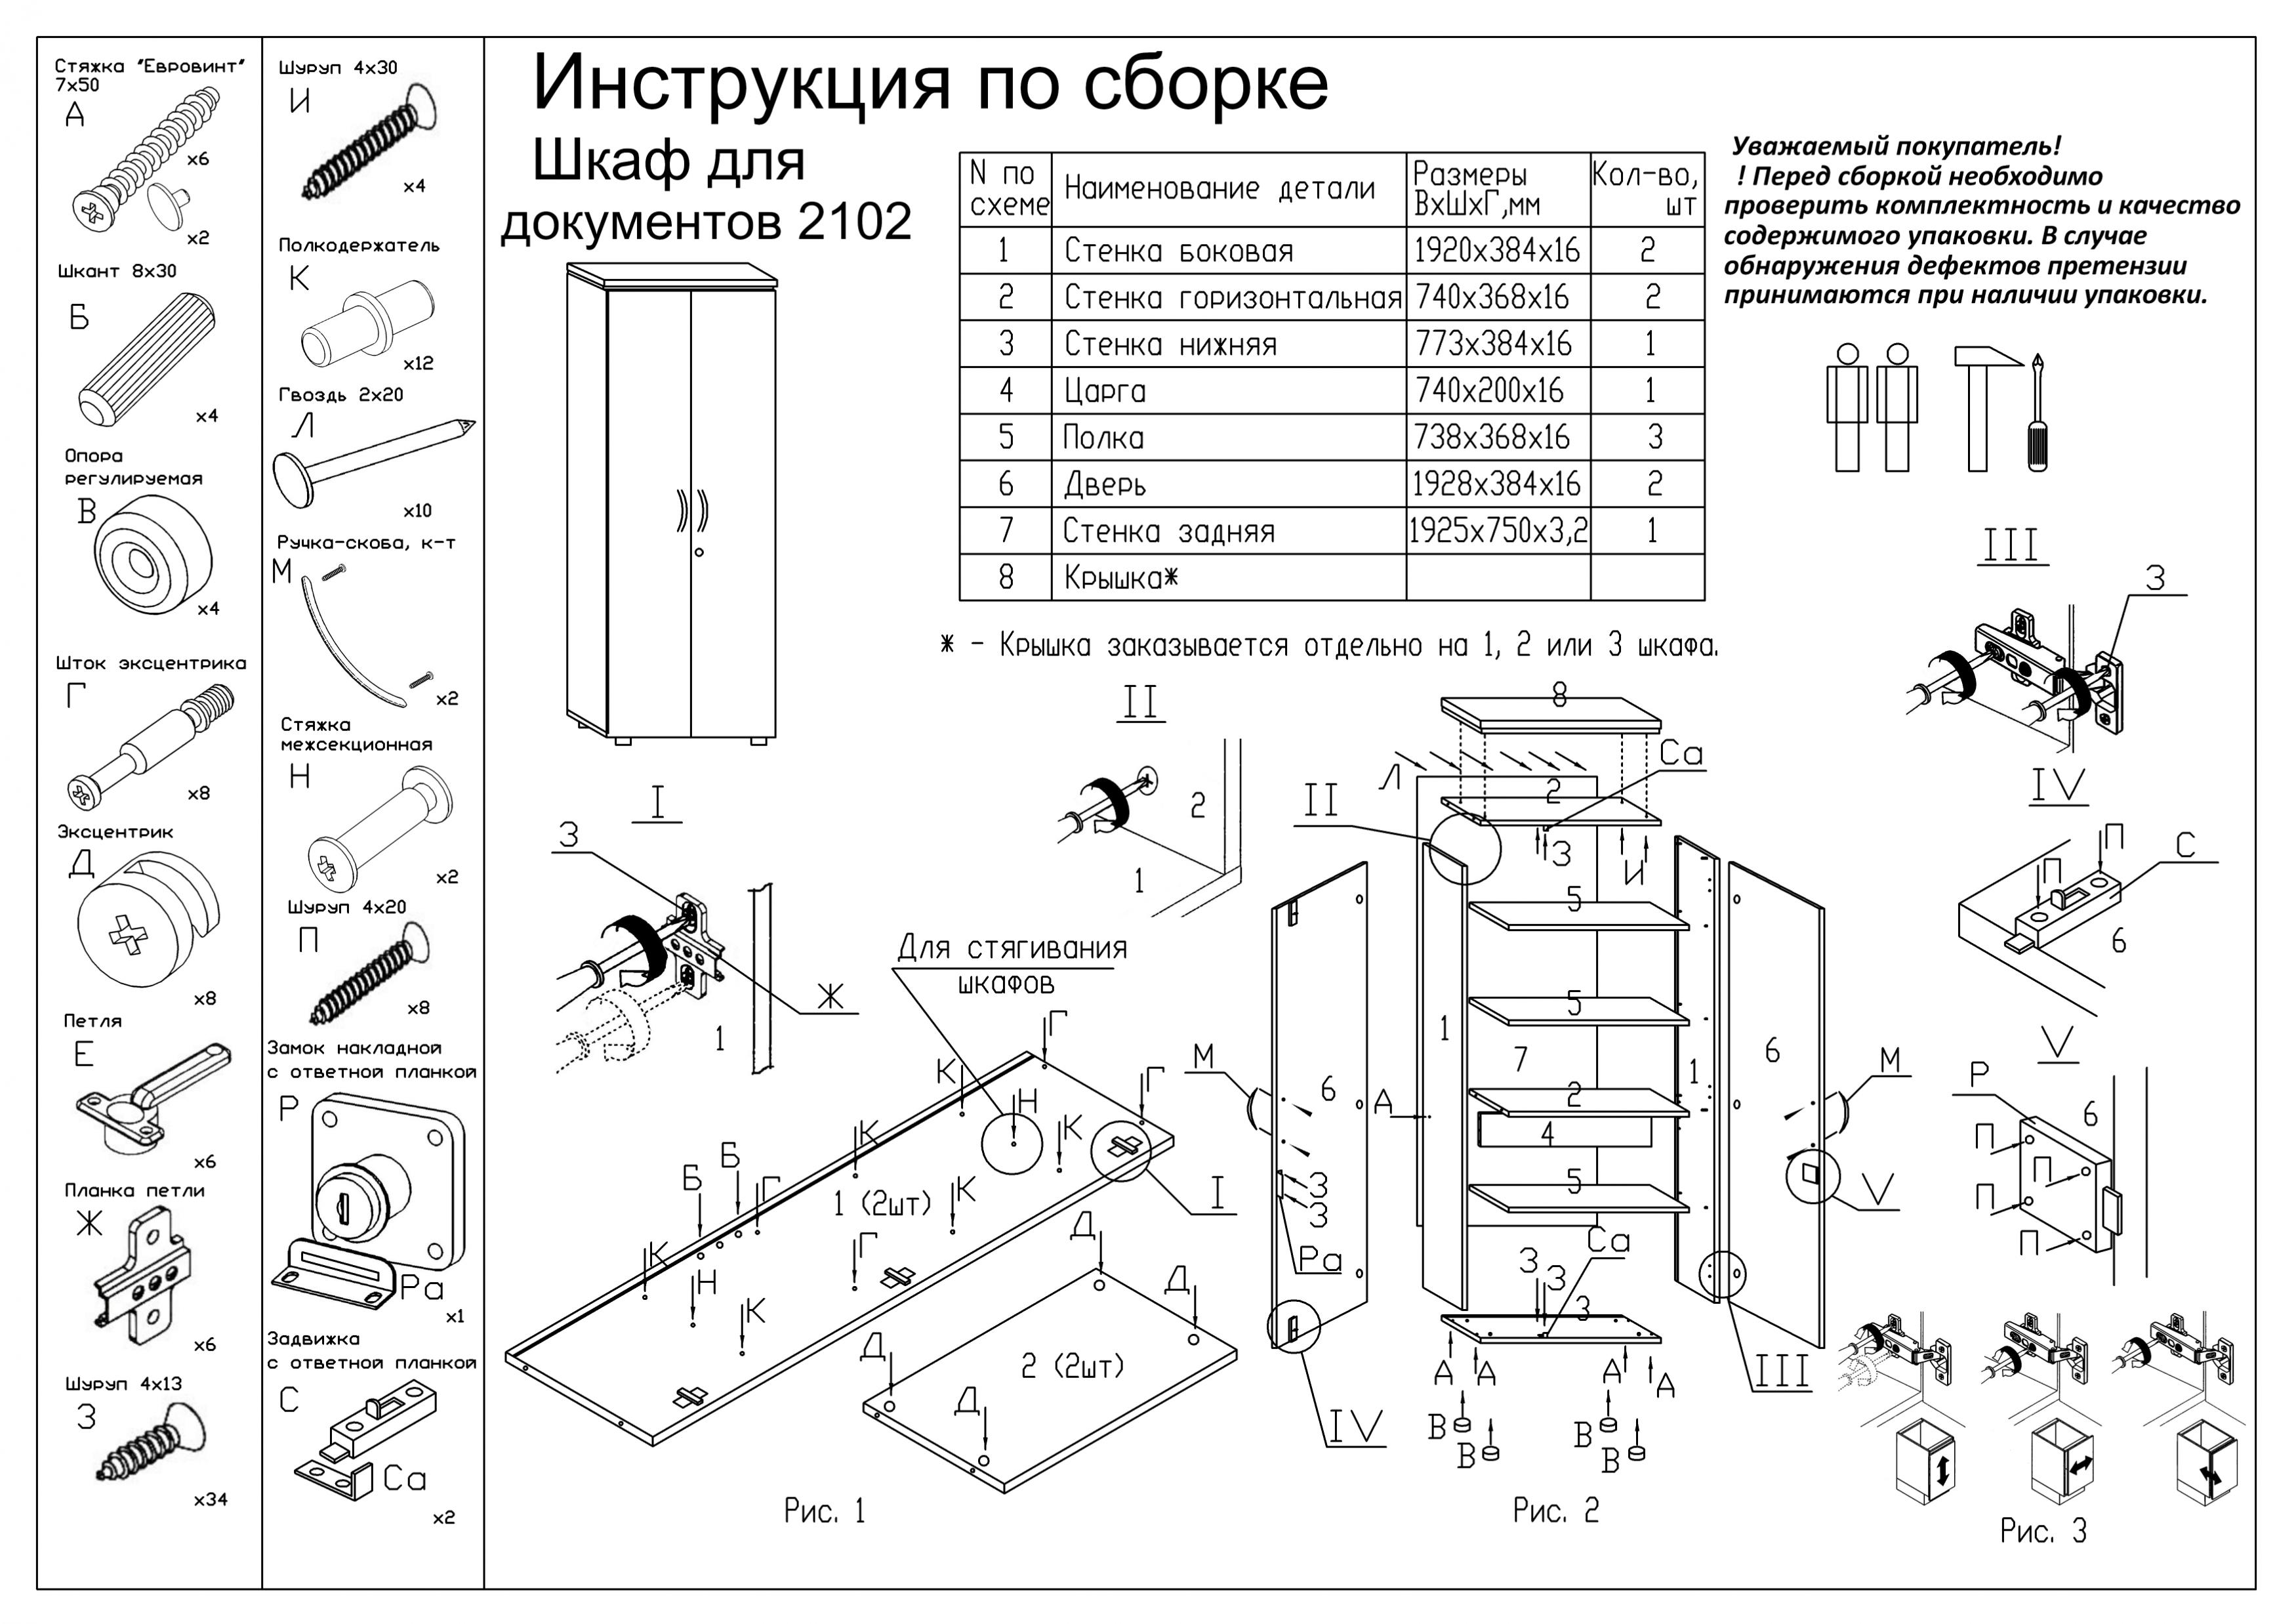 Икеа схема сборки шкафа фото 186